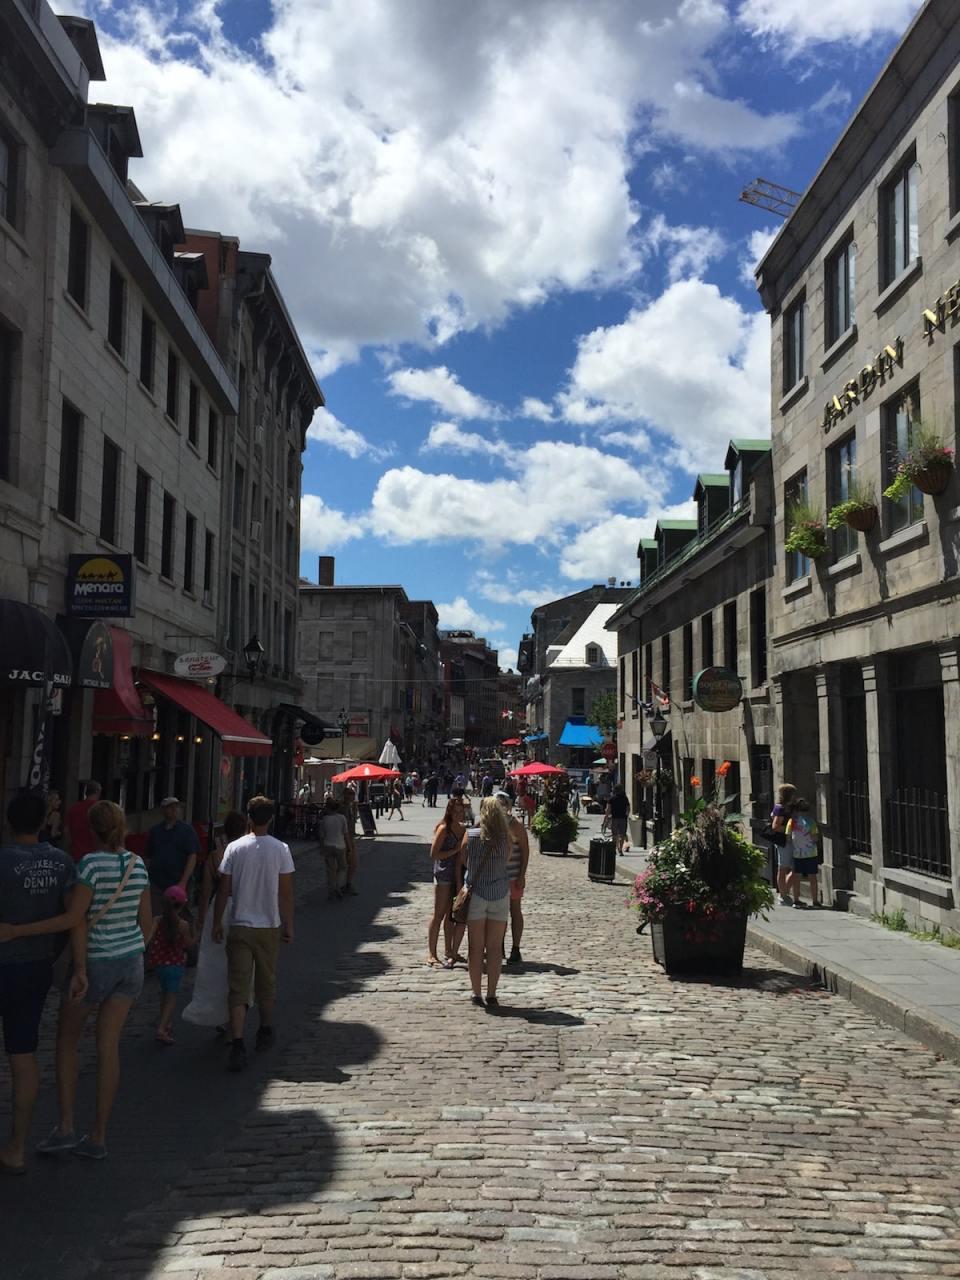 Le coin touristique de Montréal où il faut éviter chaque restaurant !